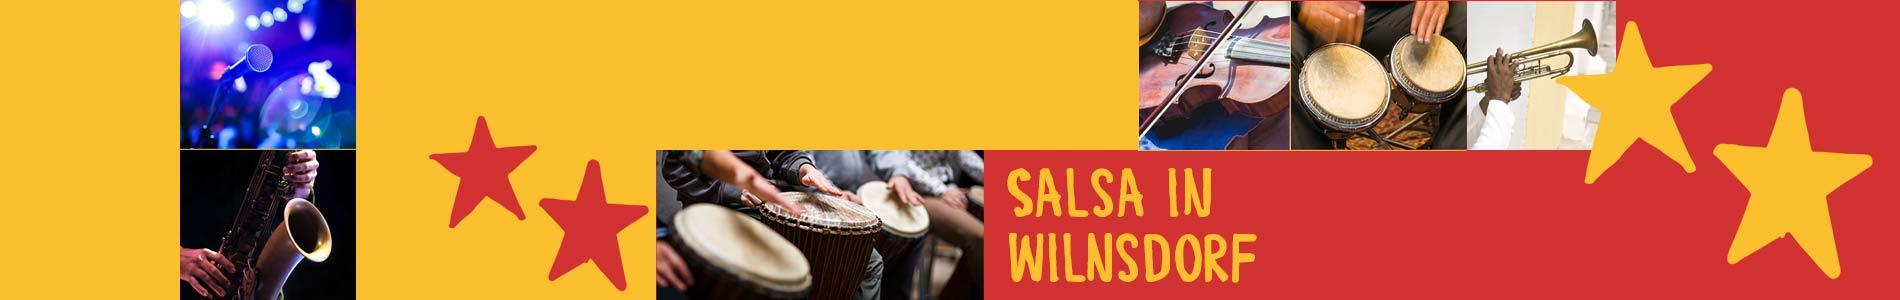 Salsa in Wilnsdorf – Salsa lernen und tanzen, Tanzkurse, Partys, Veranstaltungen